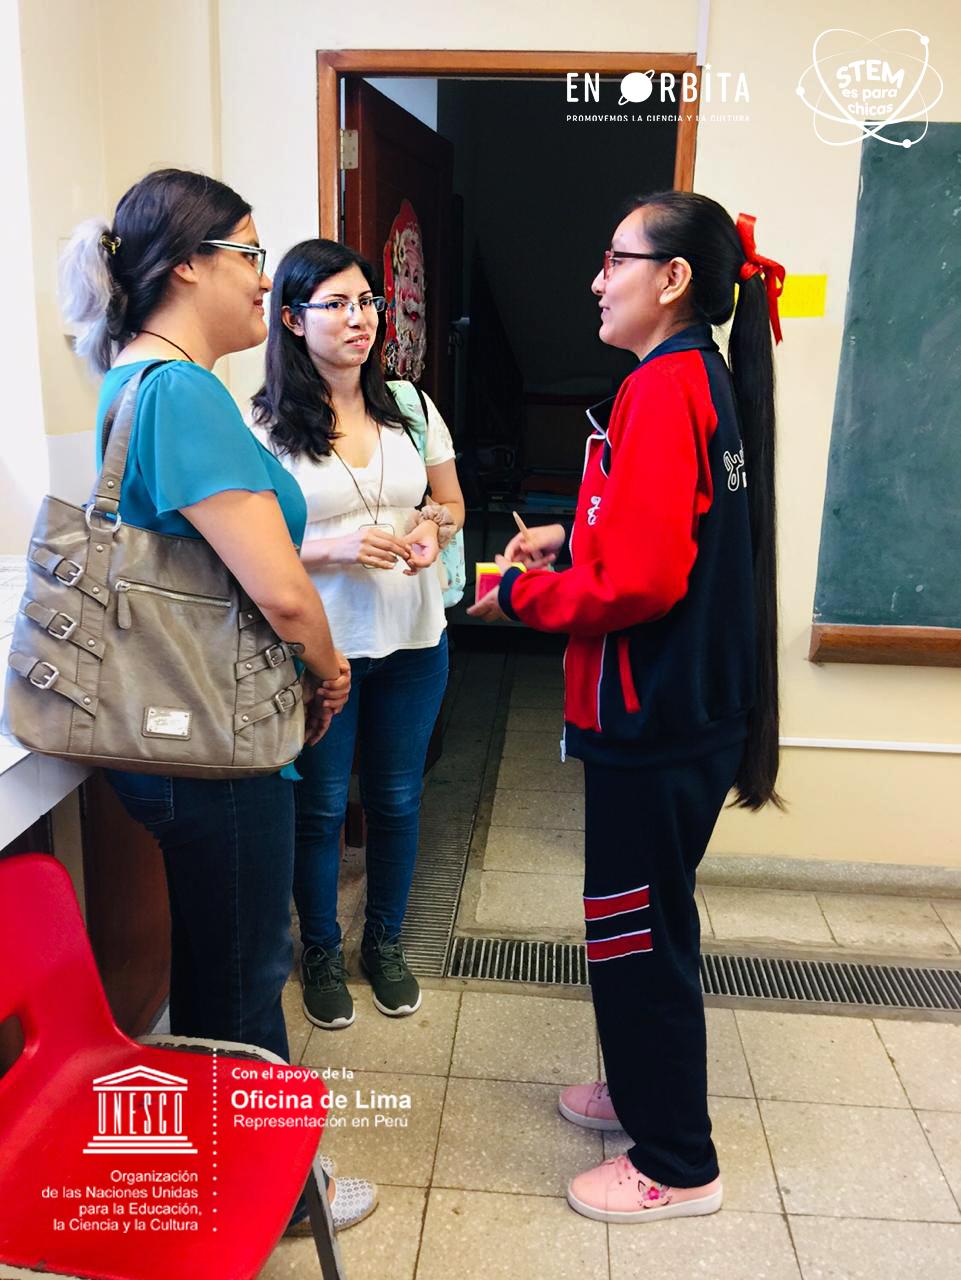 27 marzo -  Luani Linares y Astrid Aguilar - JAD.jpeg